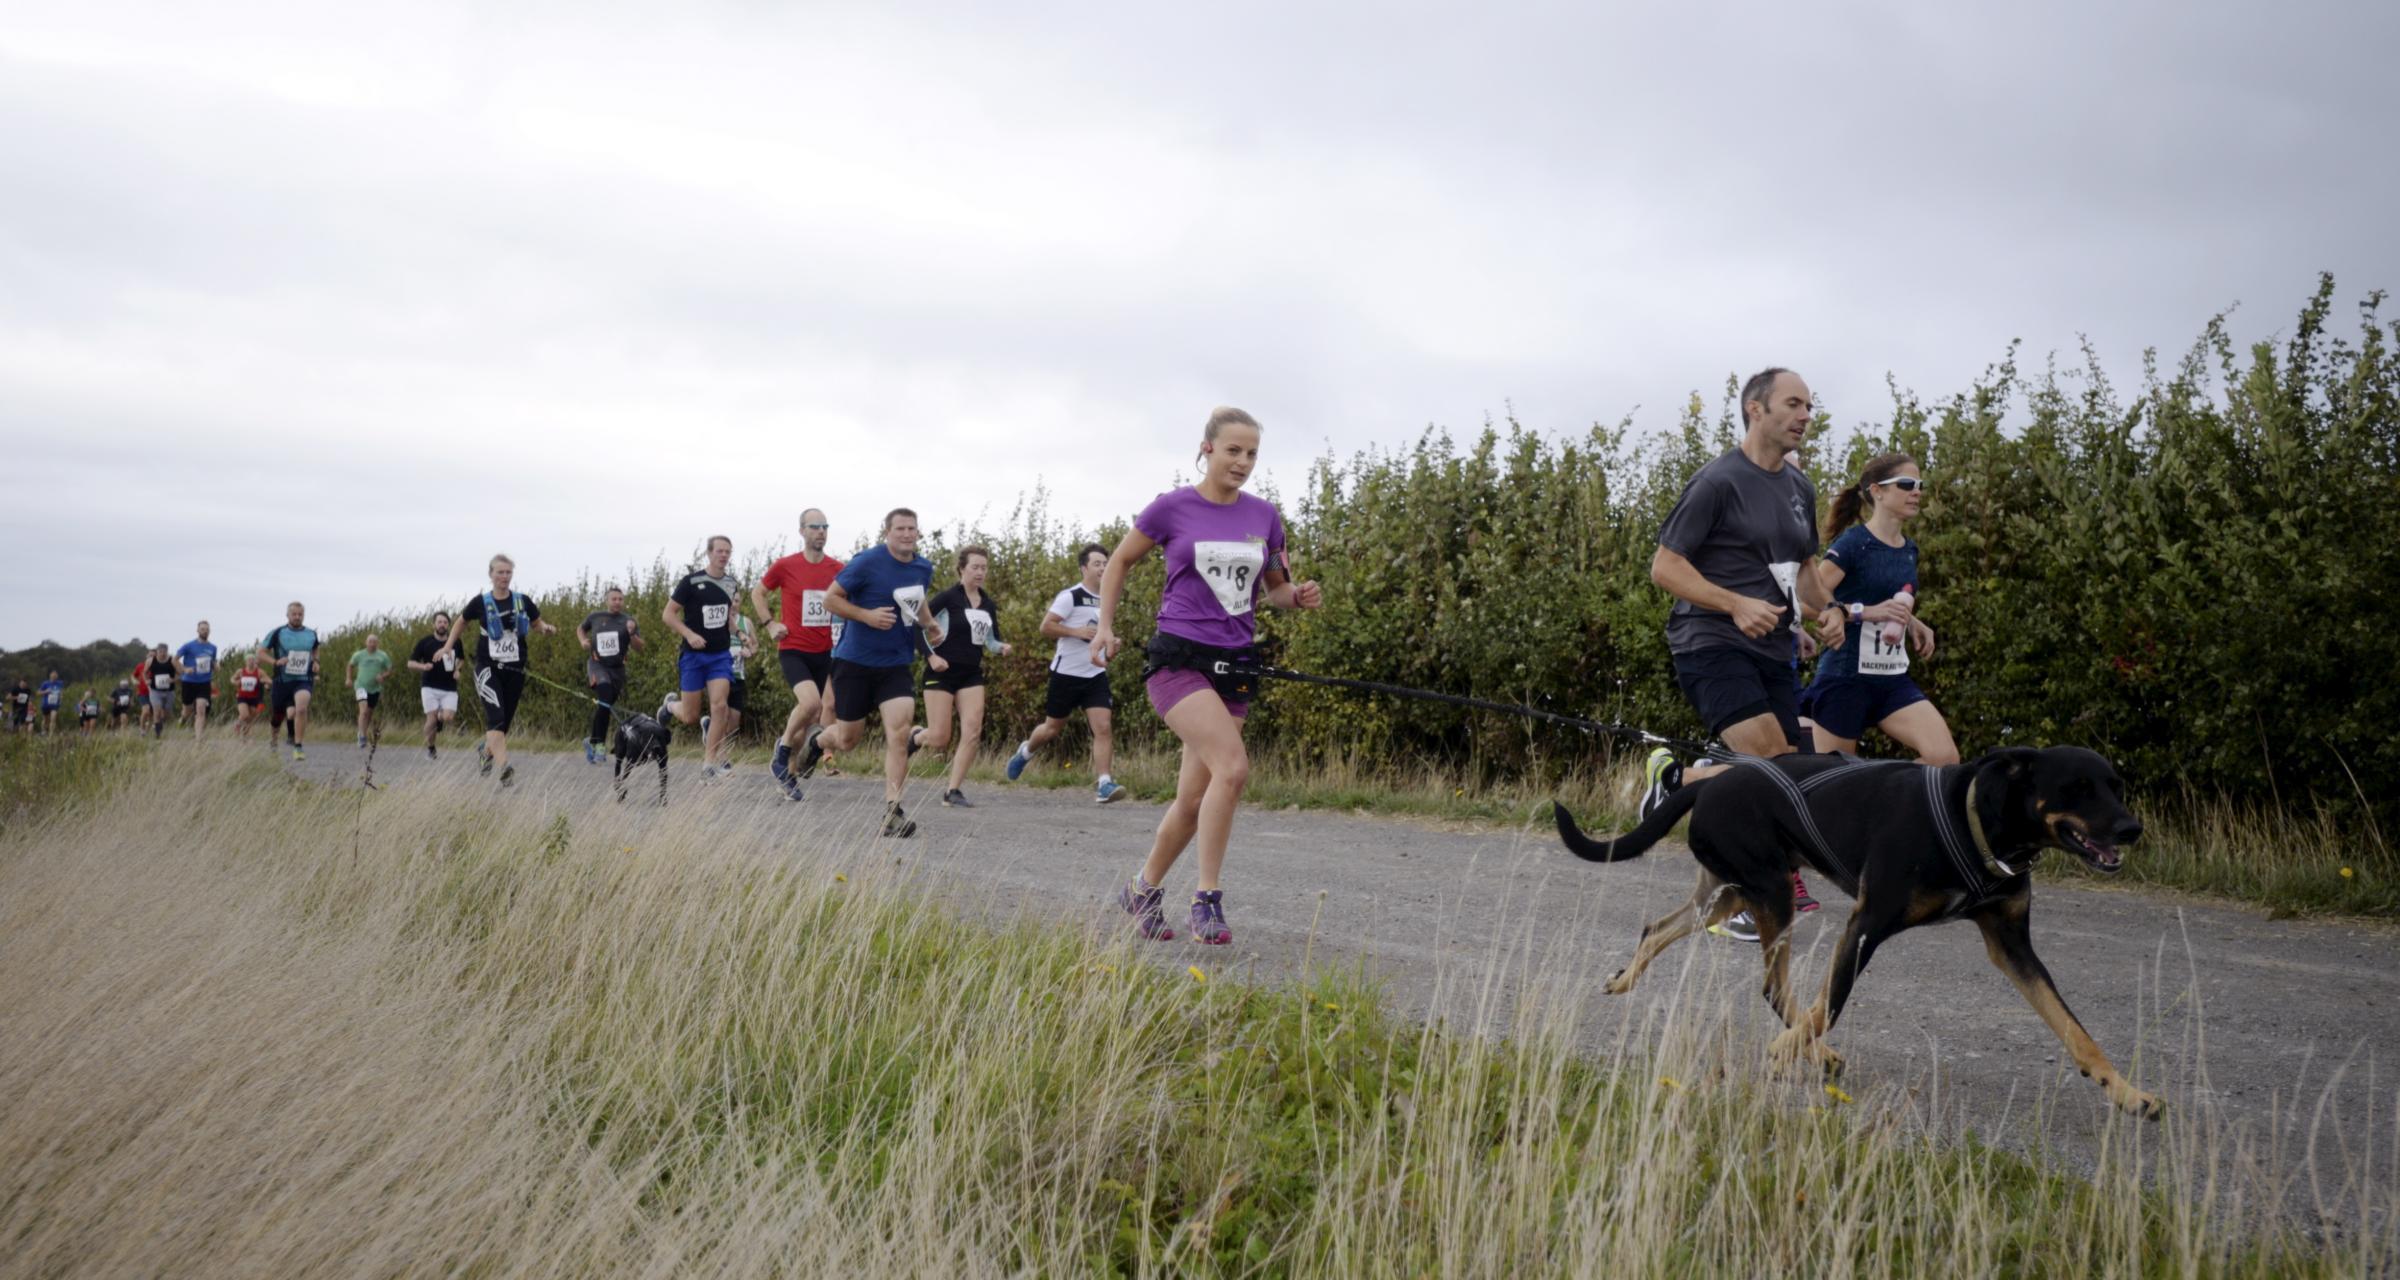 Hackpen Hill 10km run returns